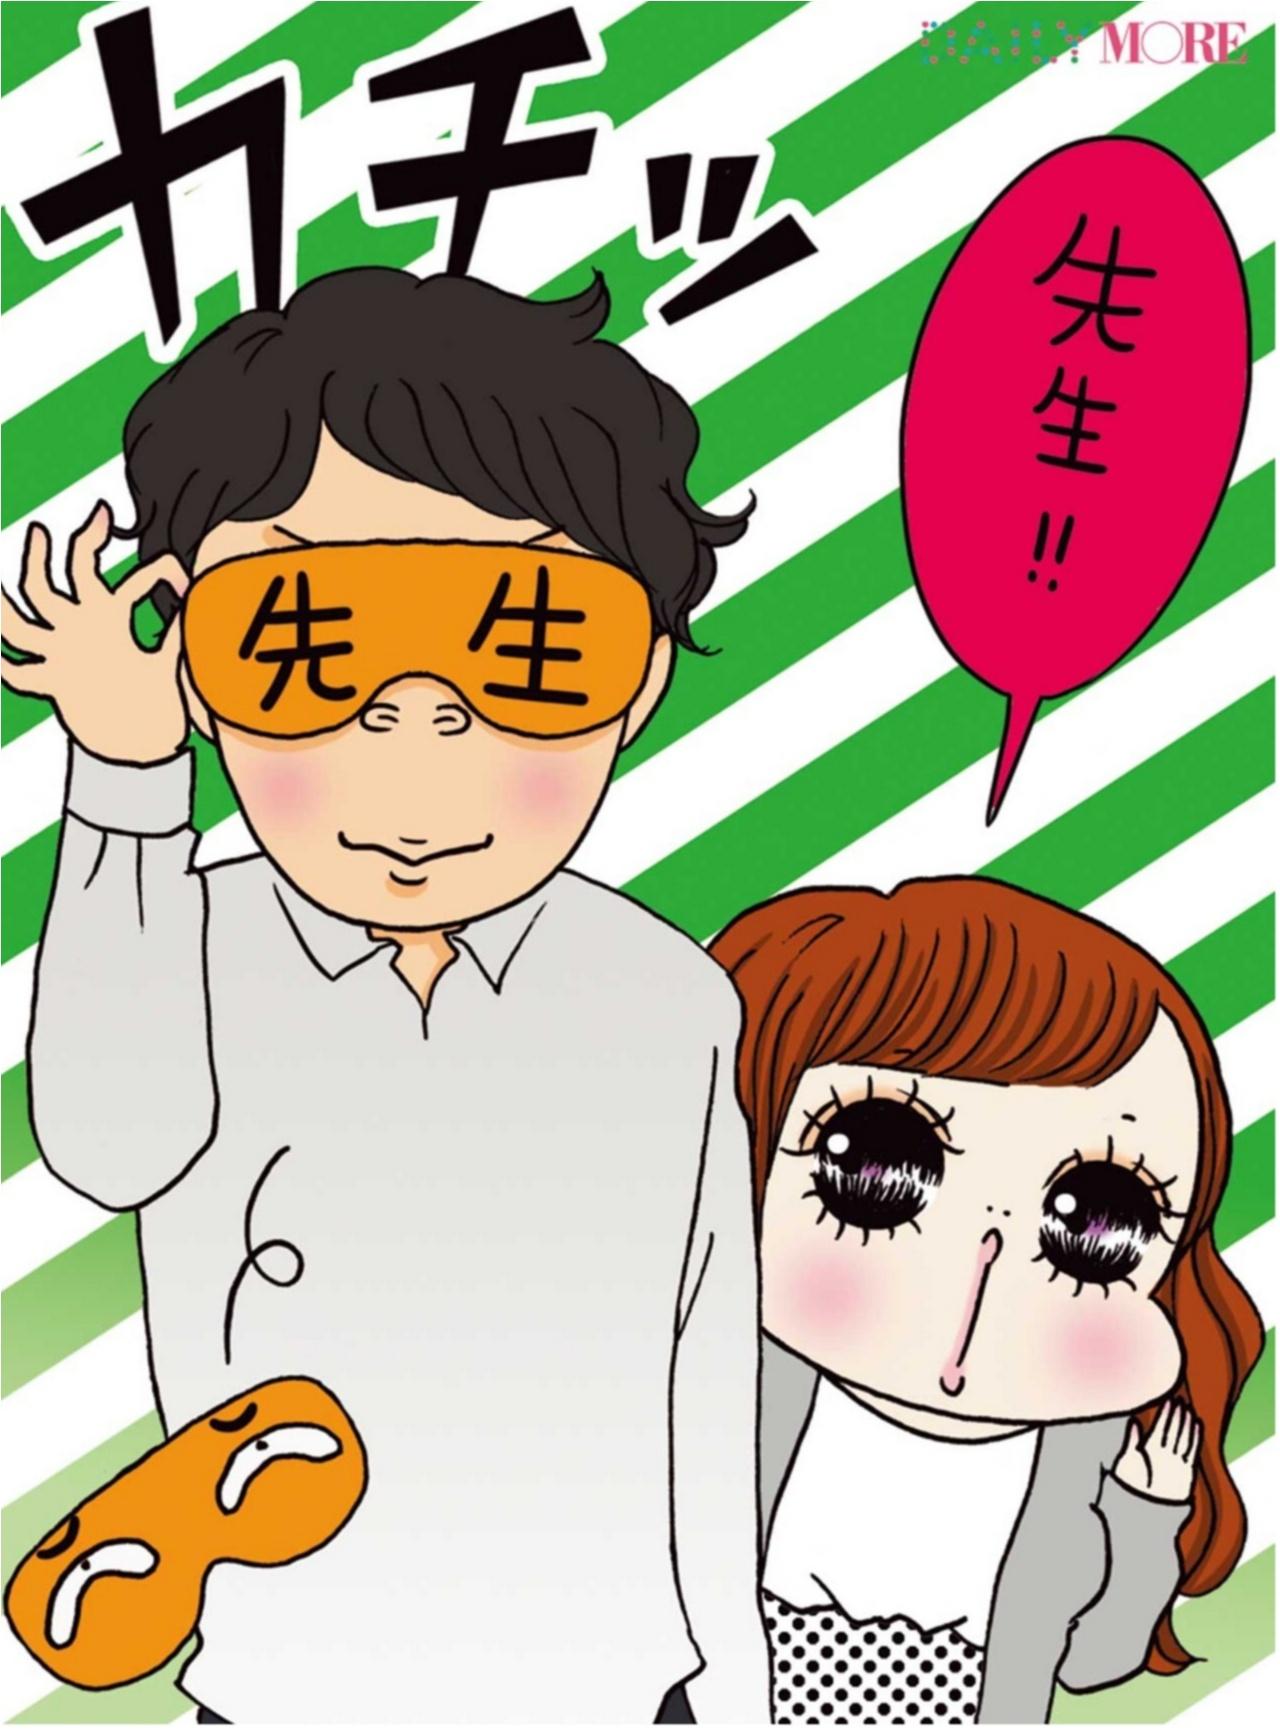 はあちゅうの【恋愛名言】が2週連続1位!!! 今週のライフスタイル人気ランキングトップ3☆_3